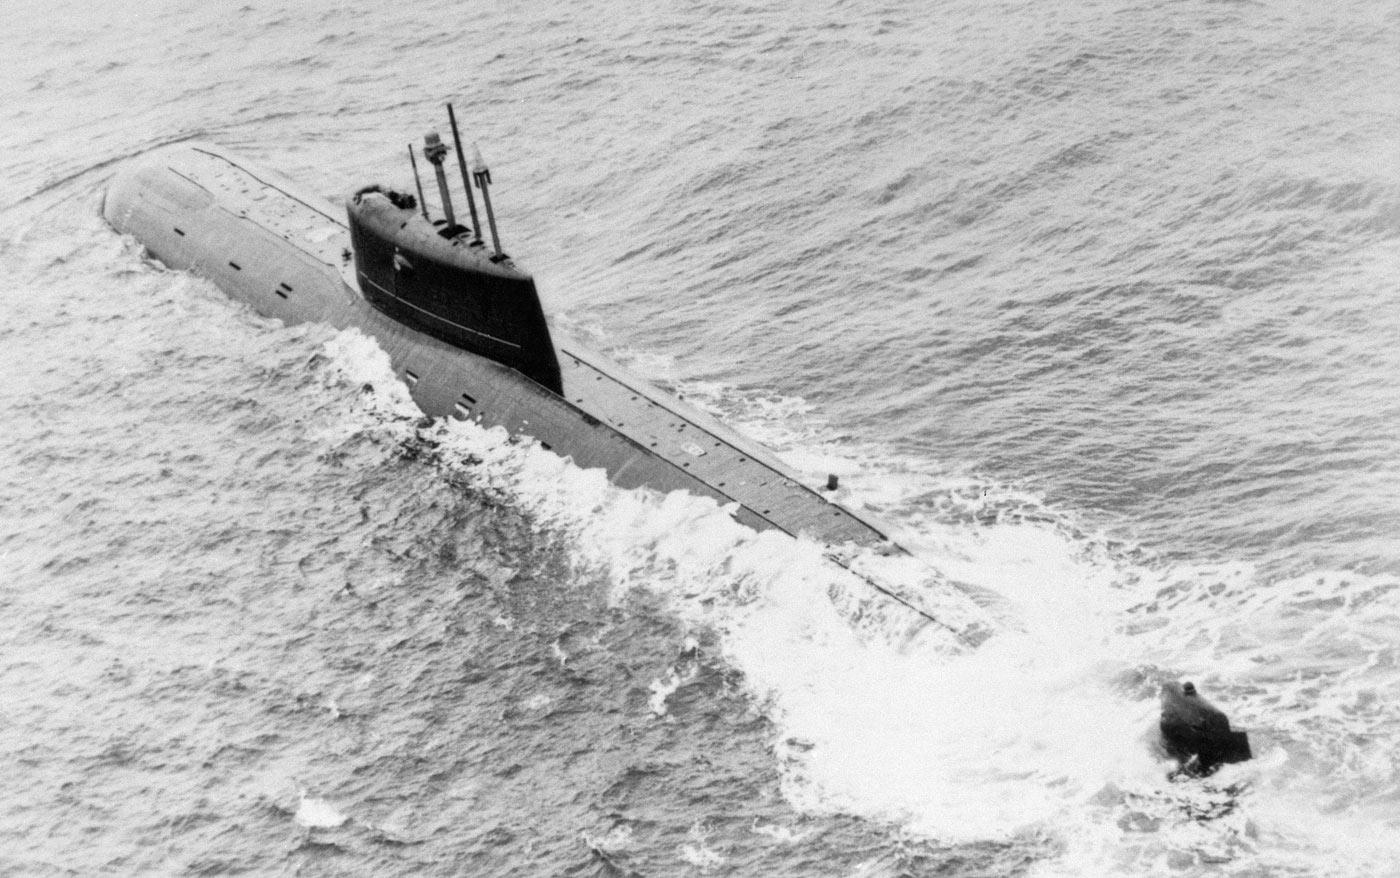 K-278 tengeralattjáró